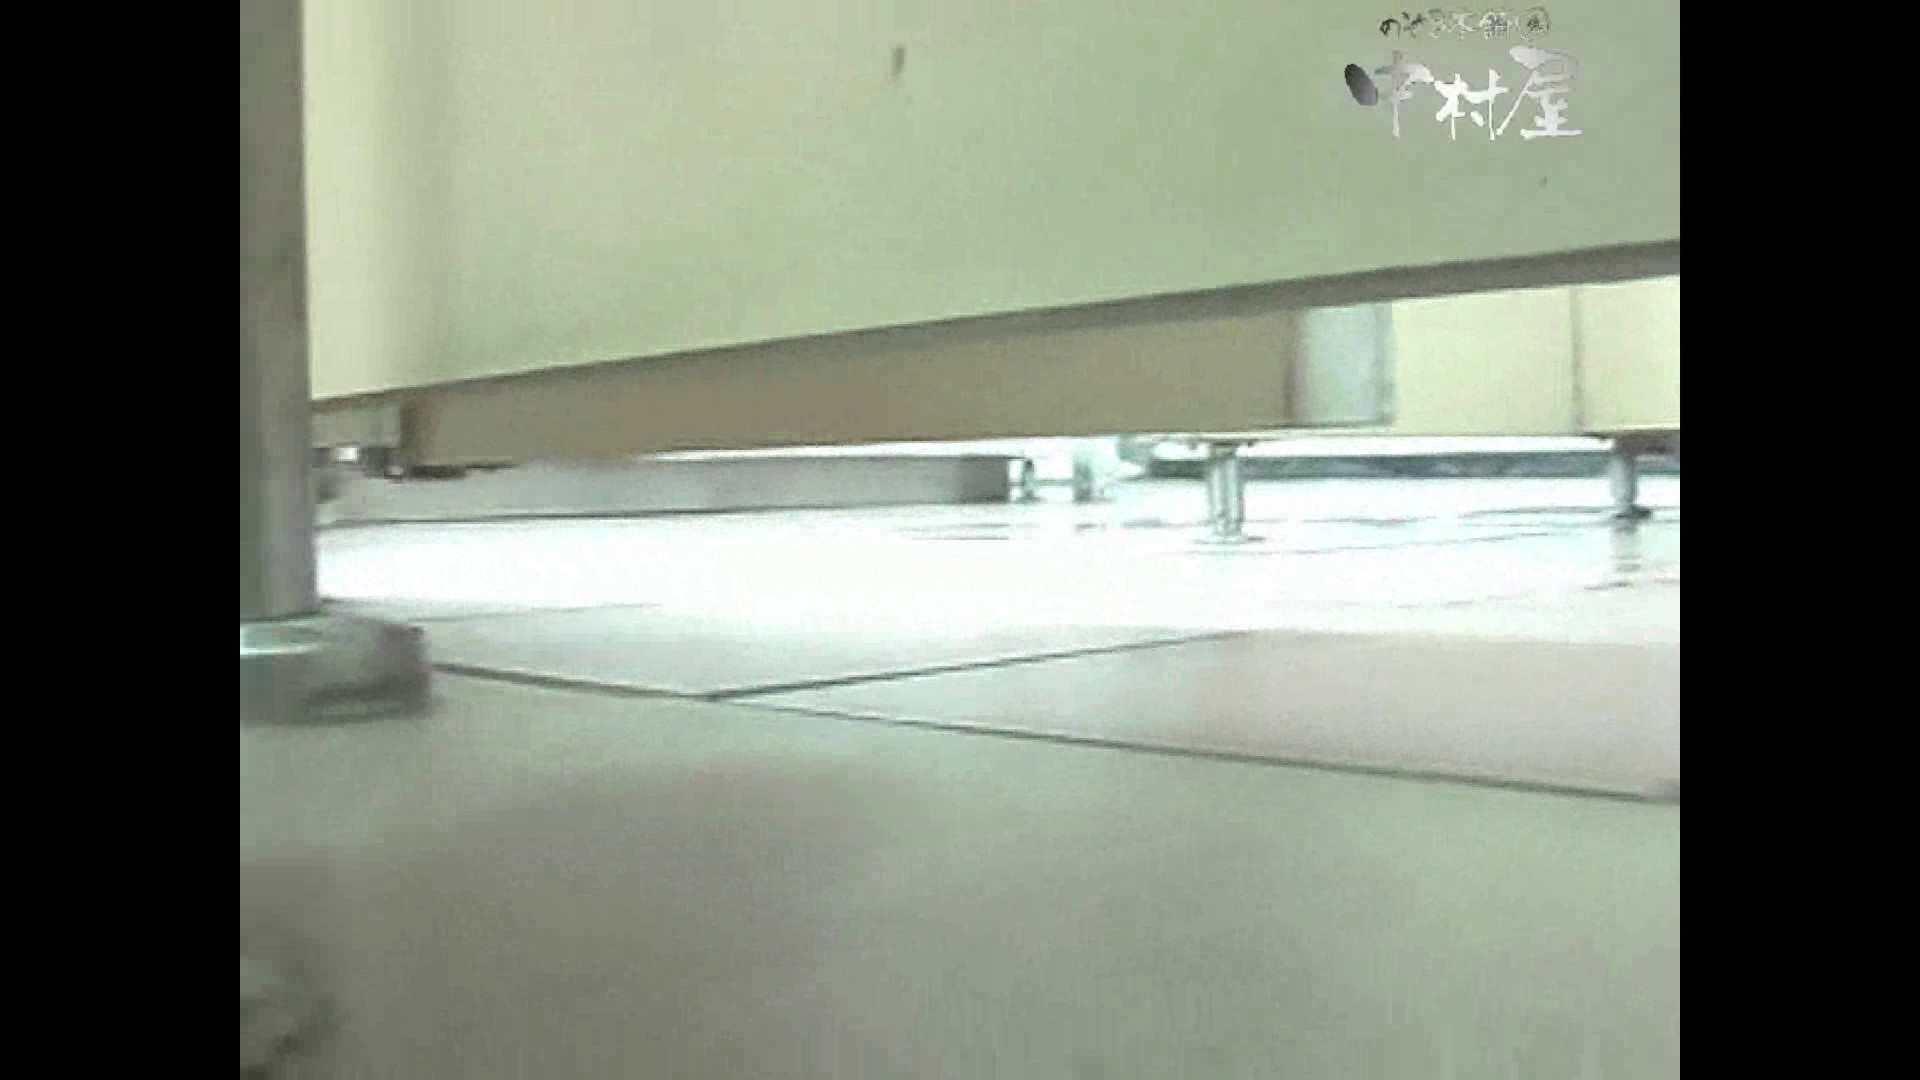 岩手県在住盗撮師盗撮記録vol.41 厠・・・ オマンコ無修正動画無料 89PIX 42